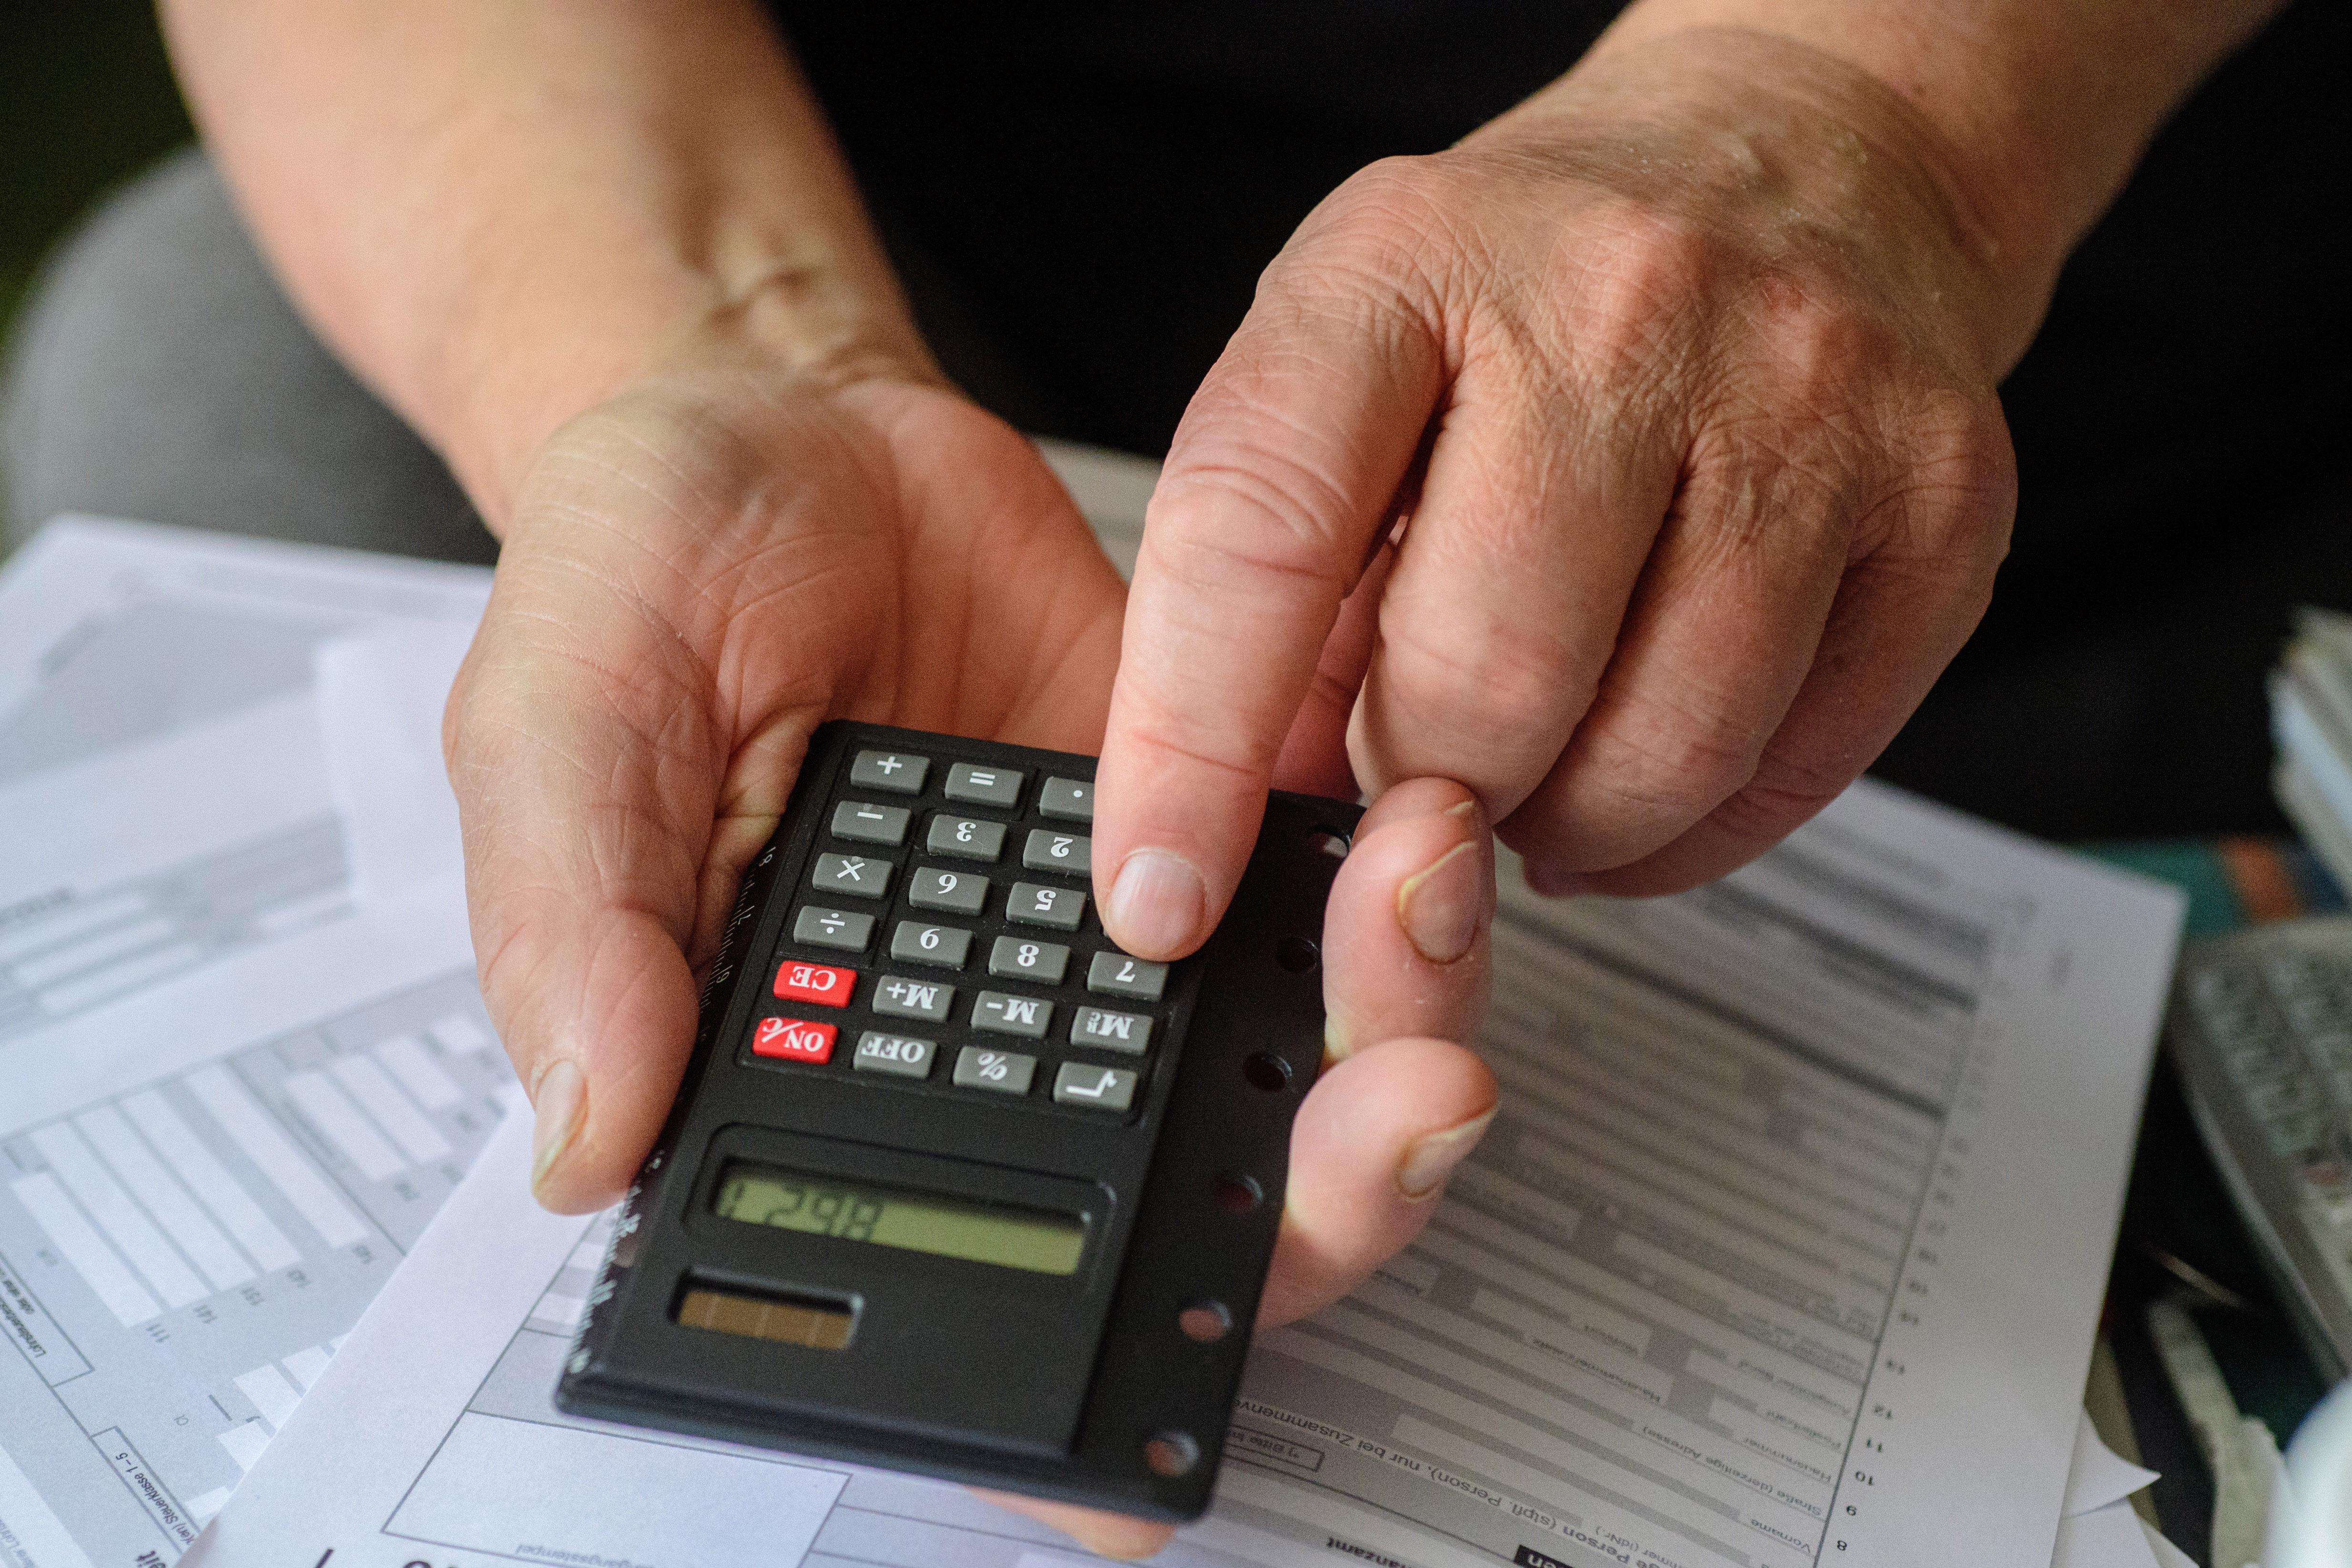 Der BFH will am 31. Mai zwei wegweisende Urteile zur Rentenbesteuerung verkünden - mit potenziell großen Auswirkungen für Rentner. (Symbolbild)